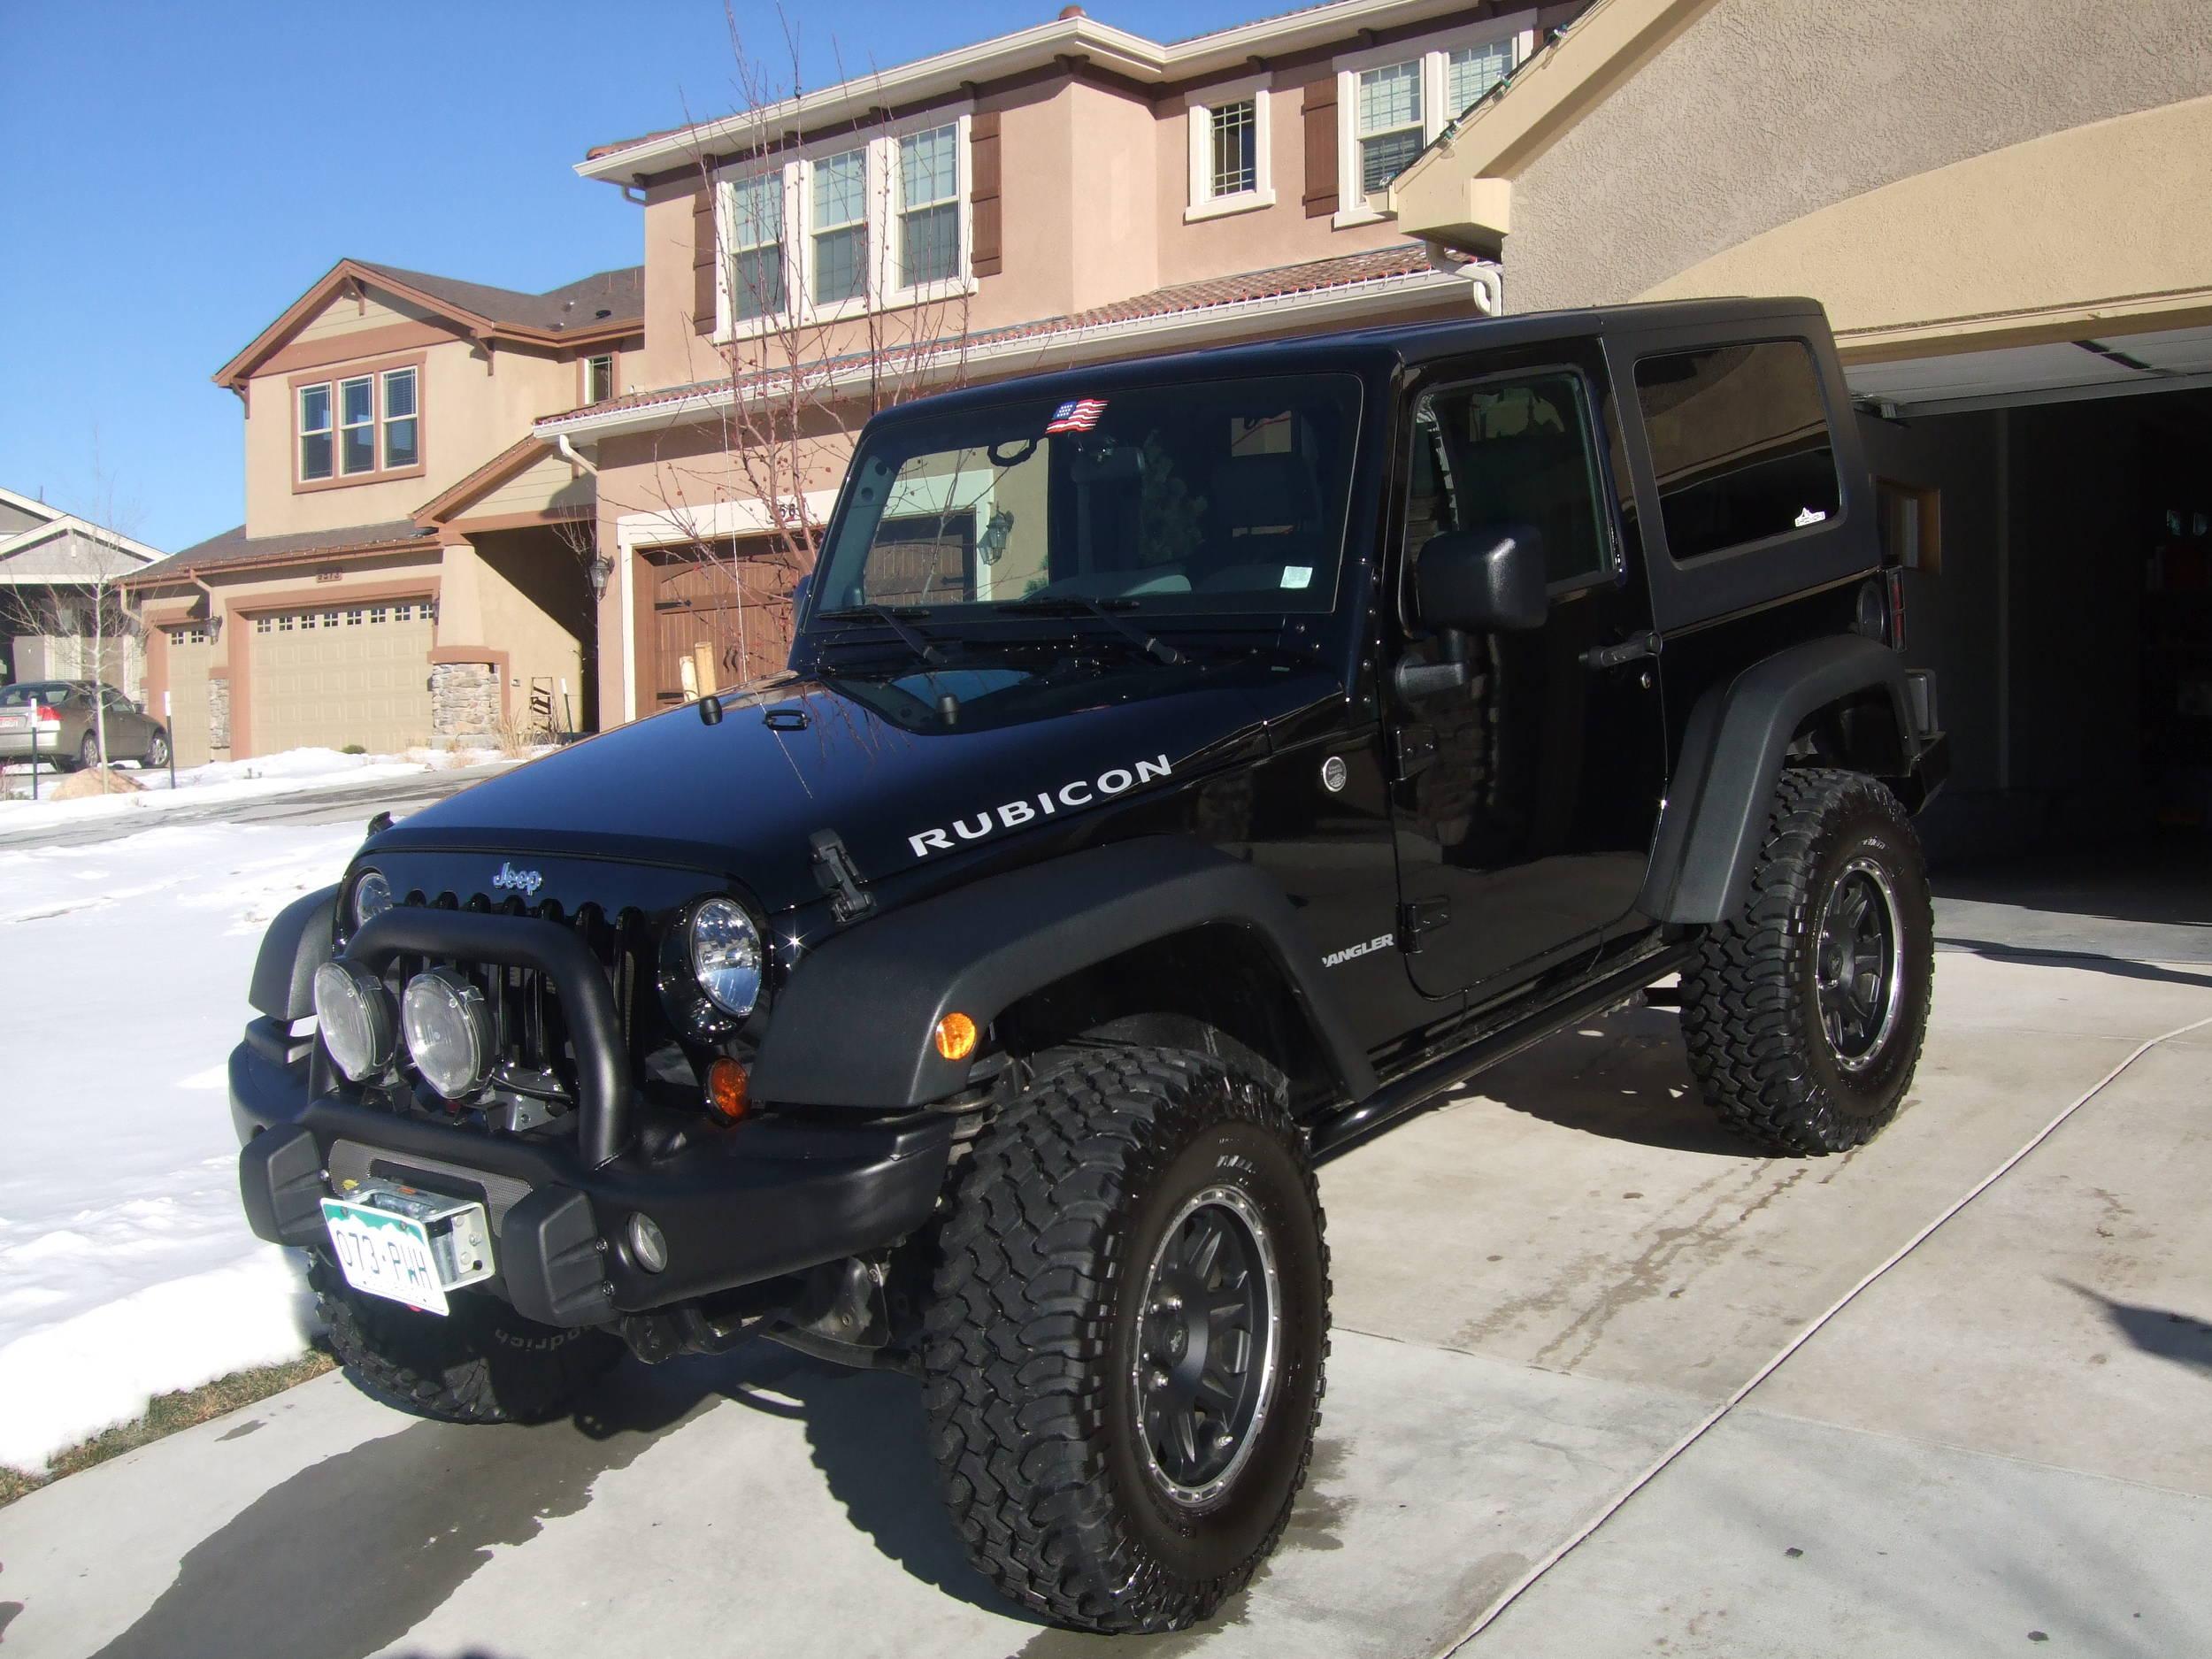 Blacked Out Unlimiteds... Pics Please! - Page 2 - JeepForum.com